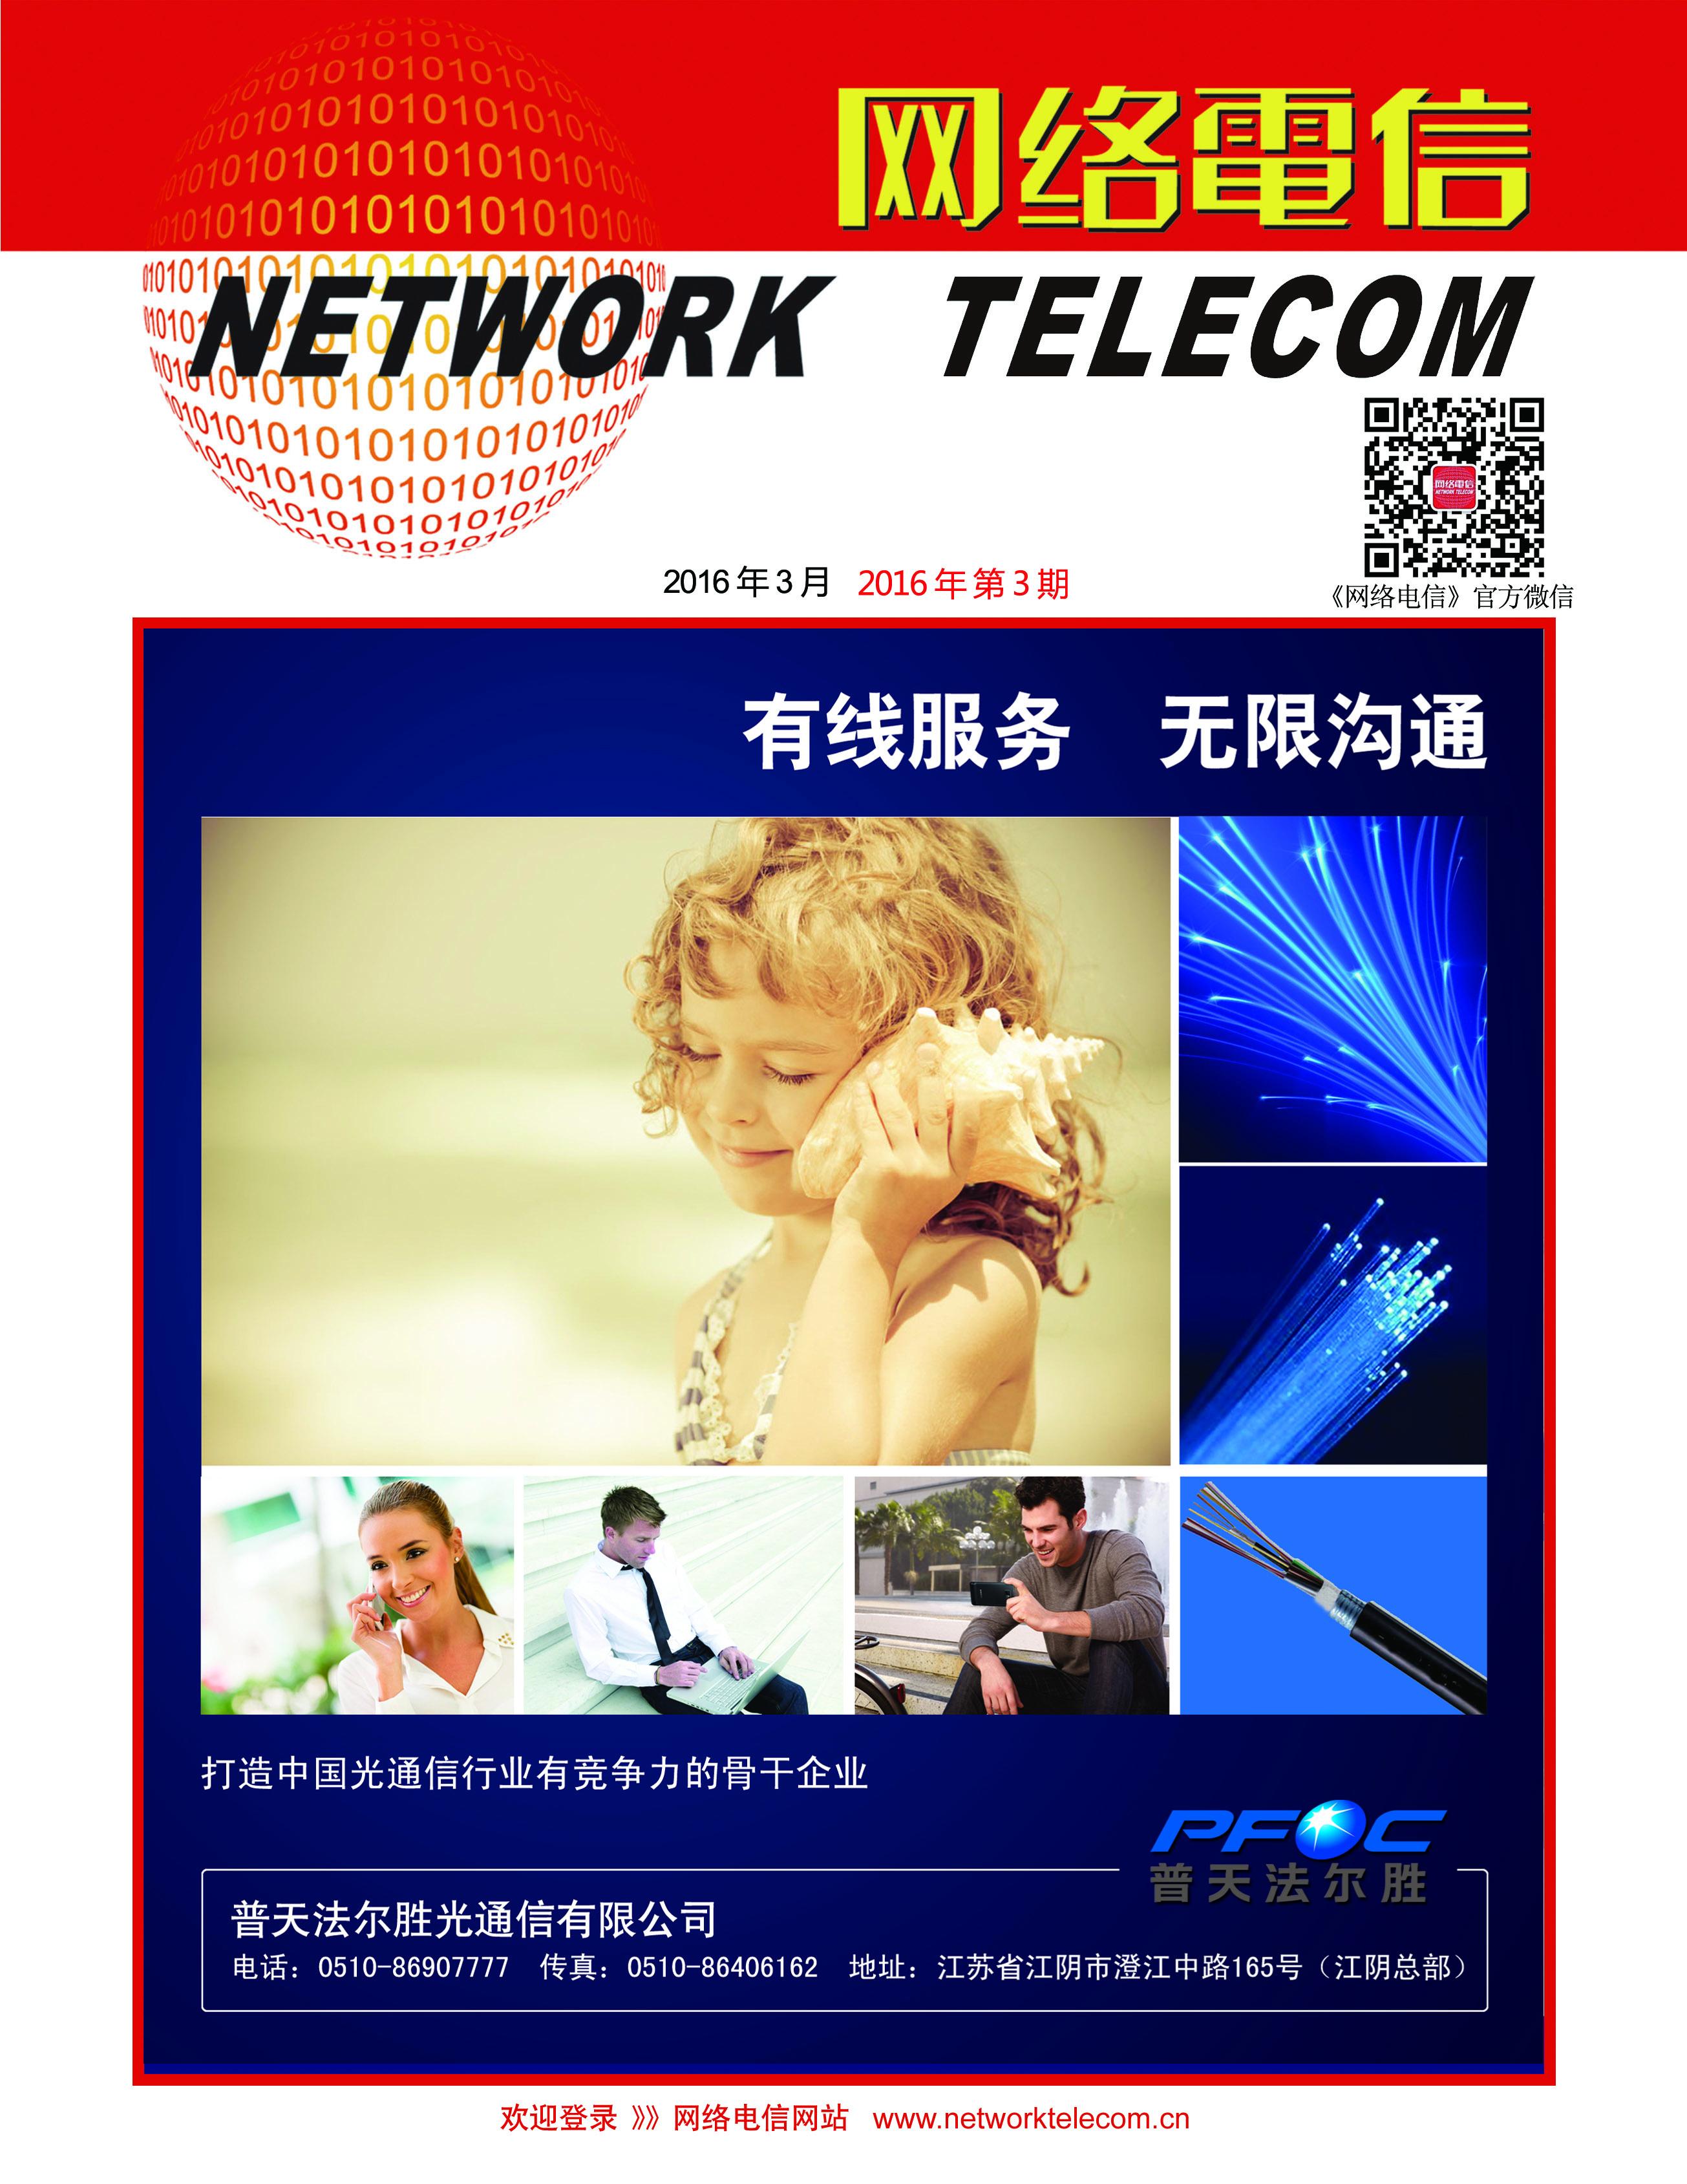 《网络电信》微杂志——2016年3月刊下